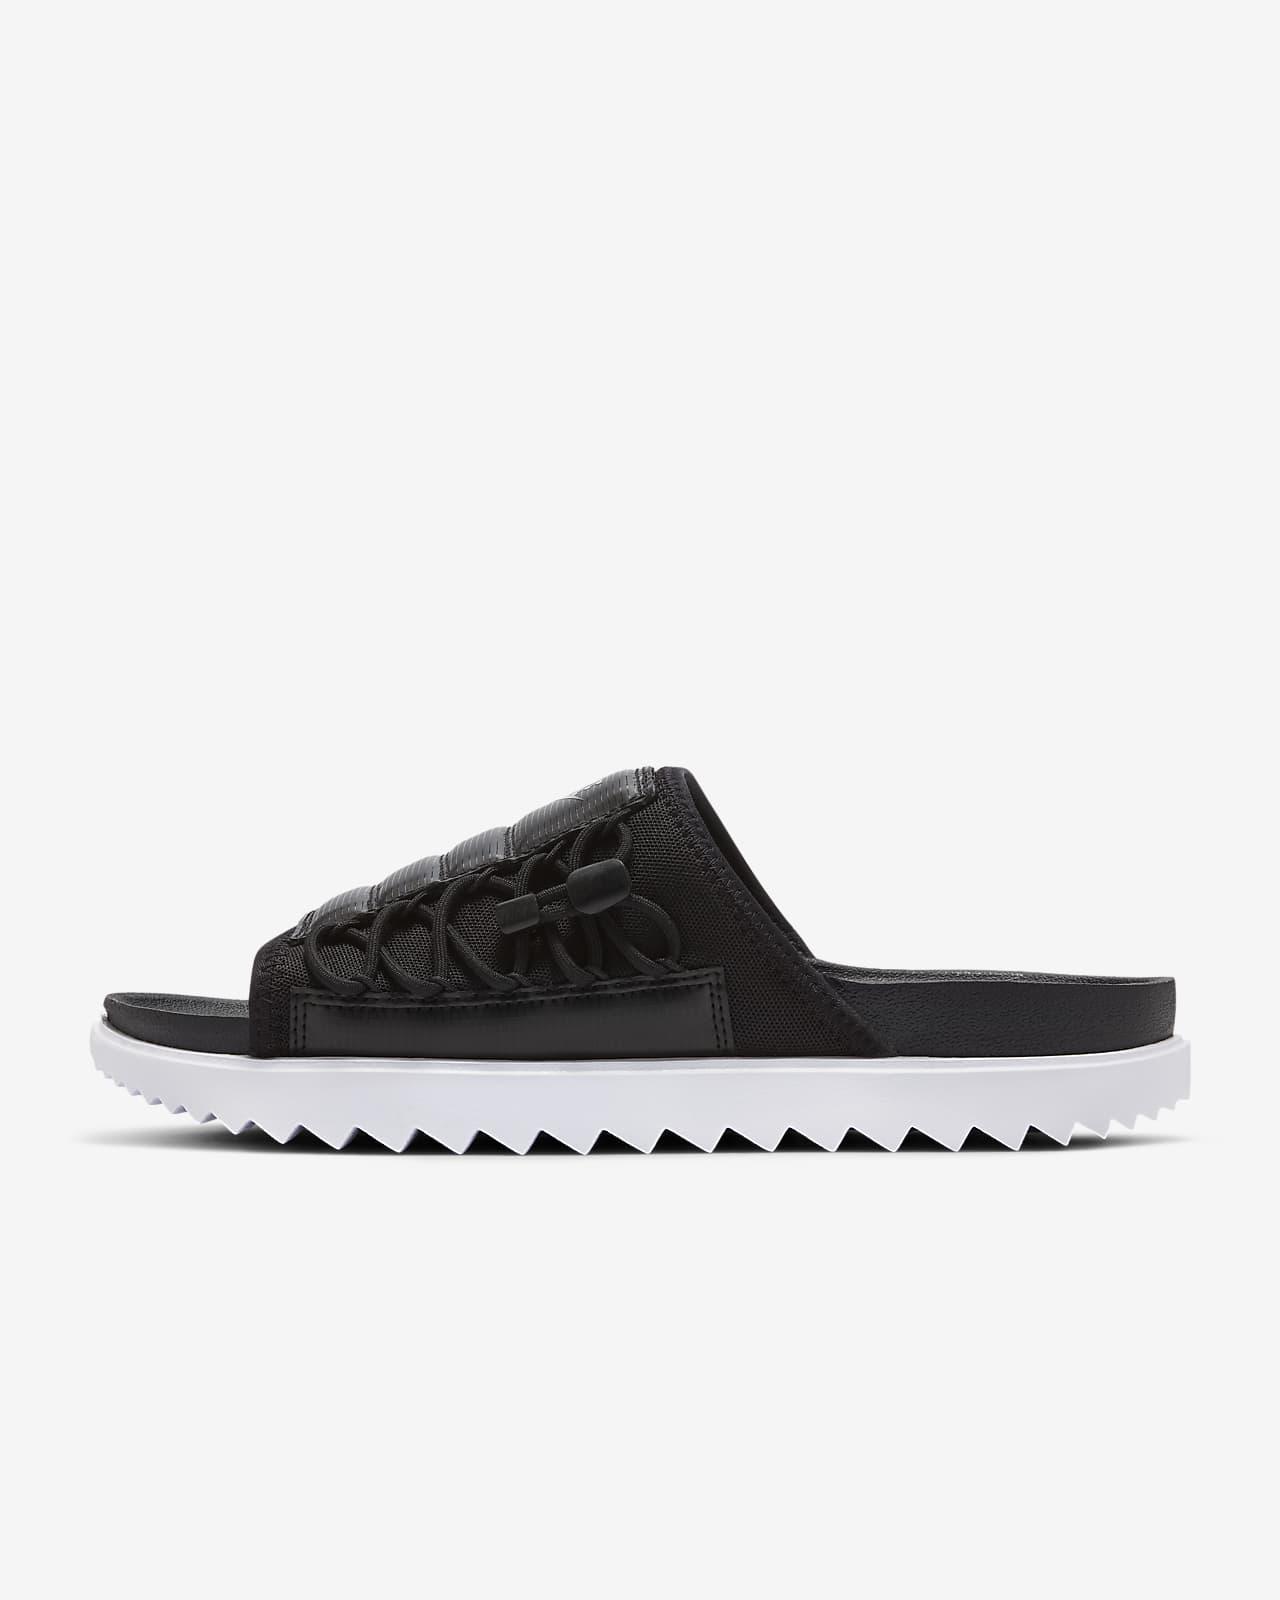 Nike Asuna Herren-Slides